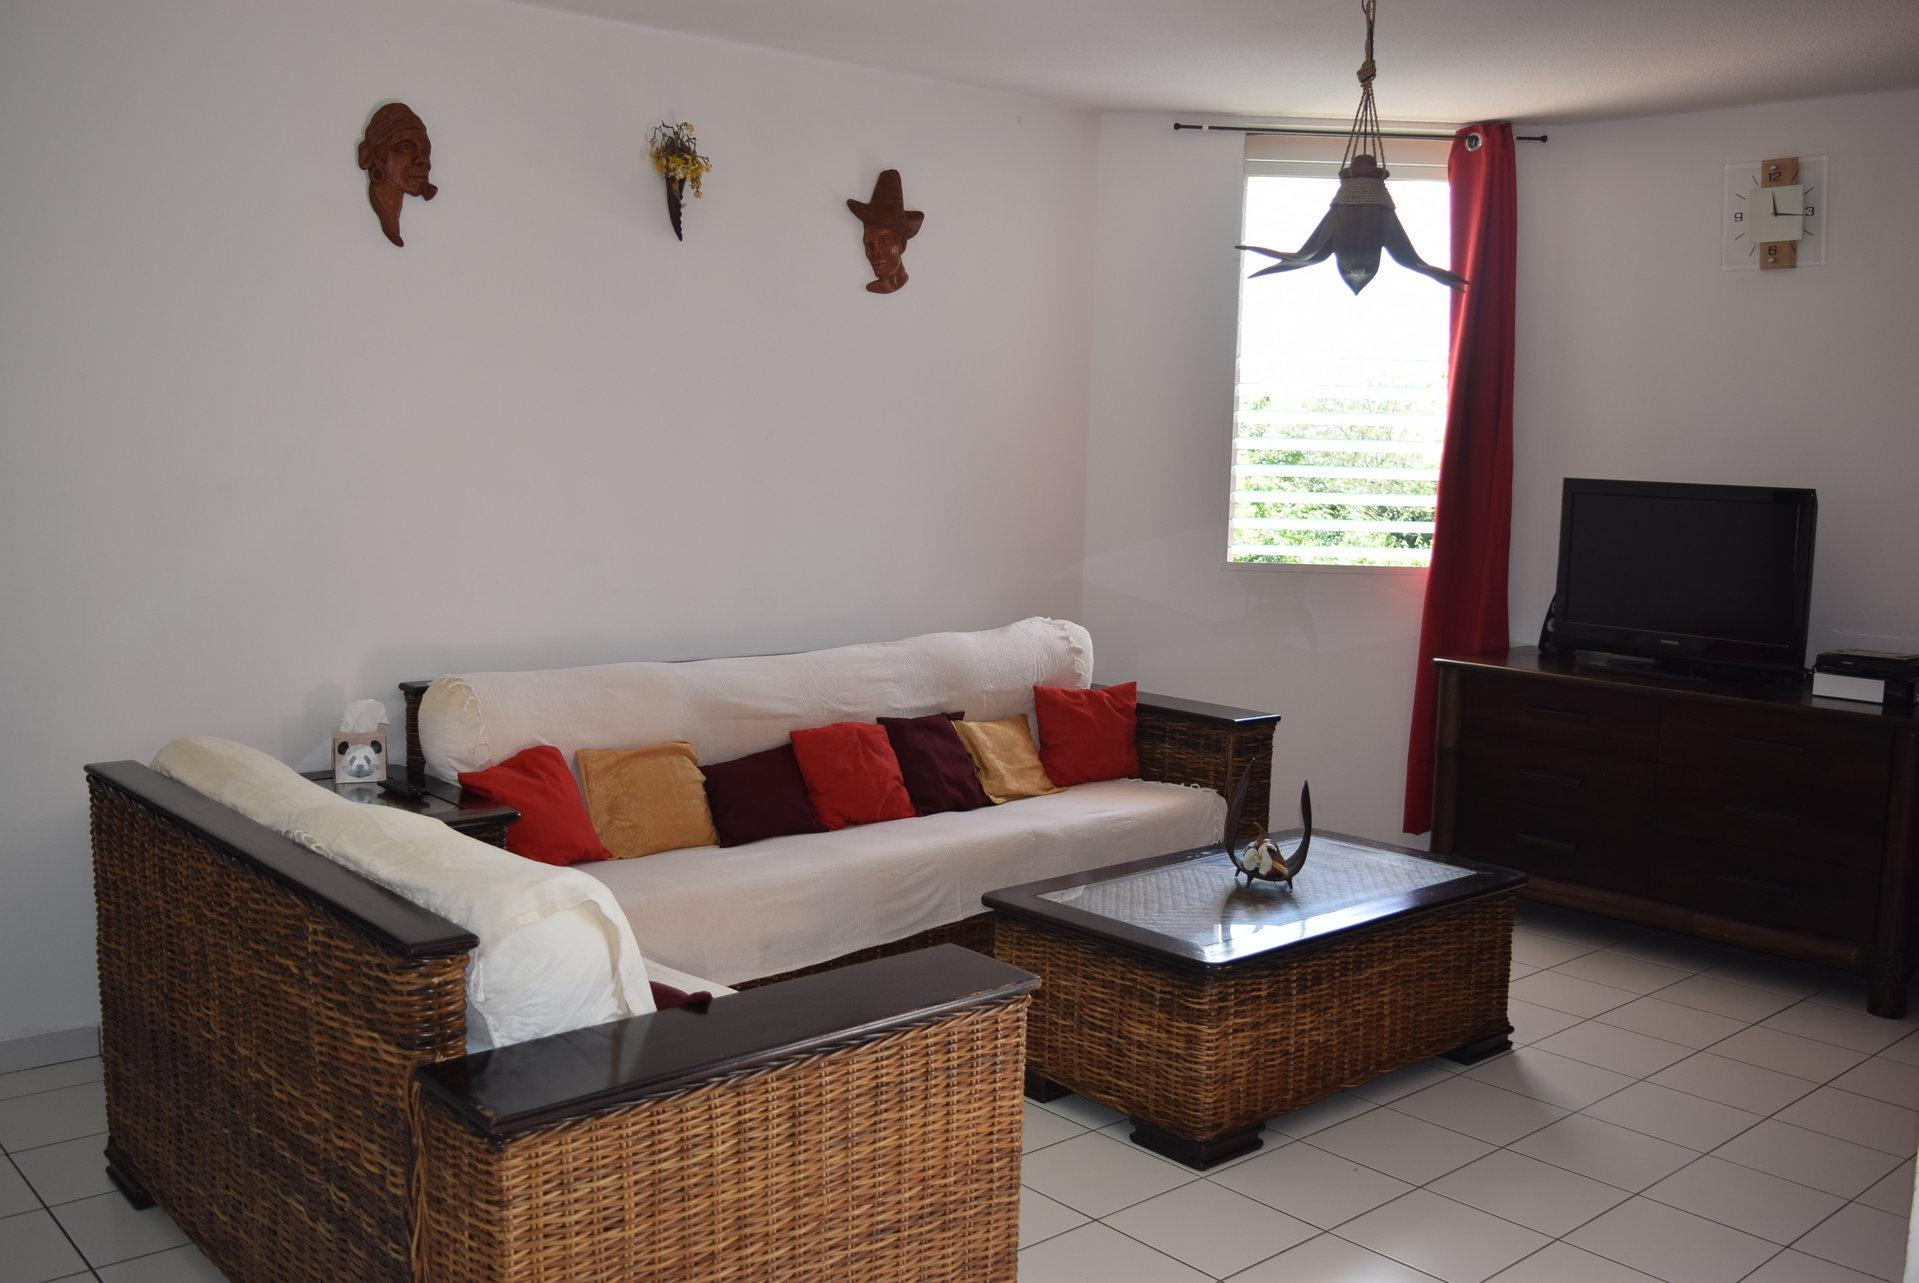 Rental Apartment - Sainte-Luce - Martinique